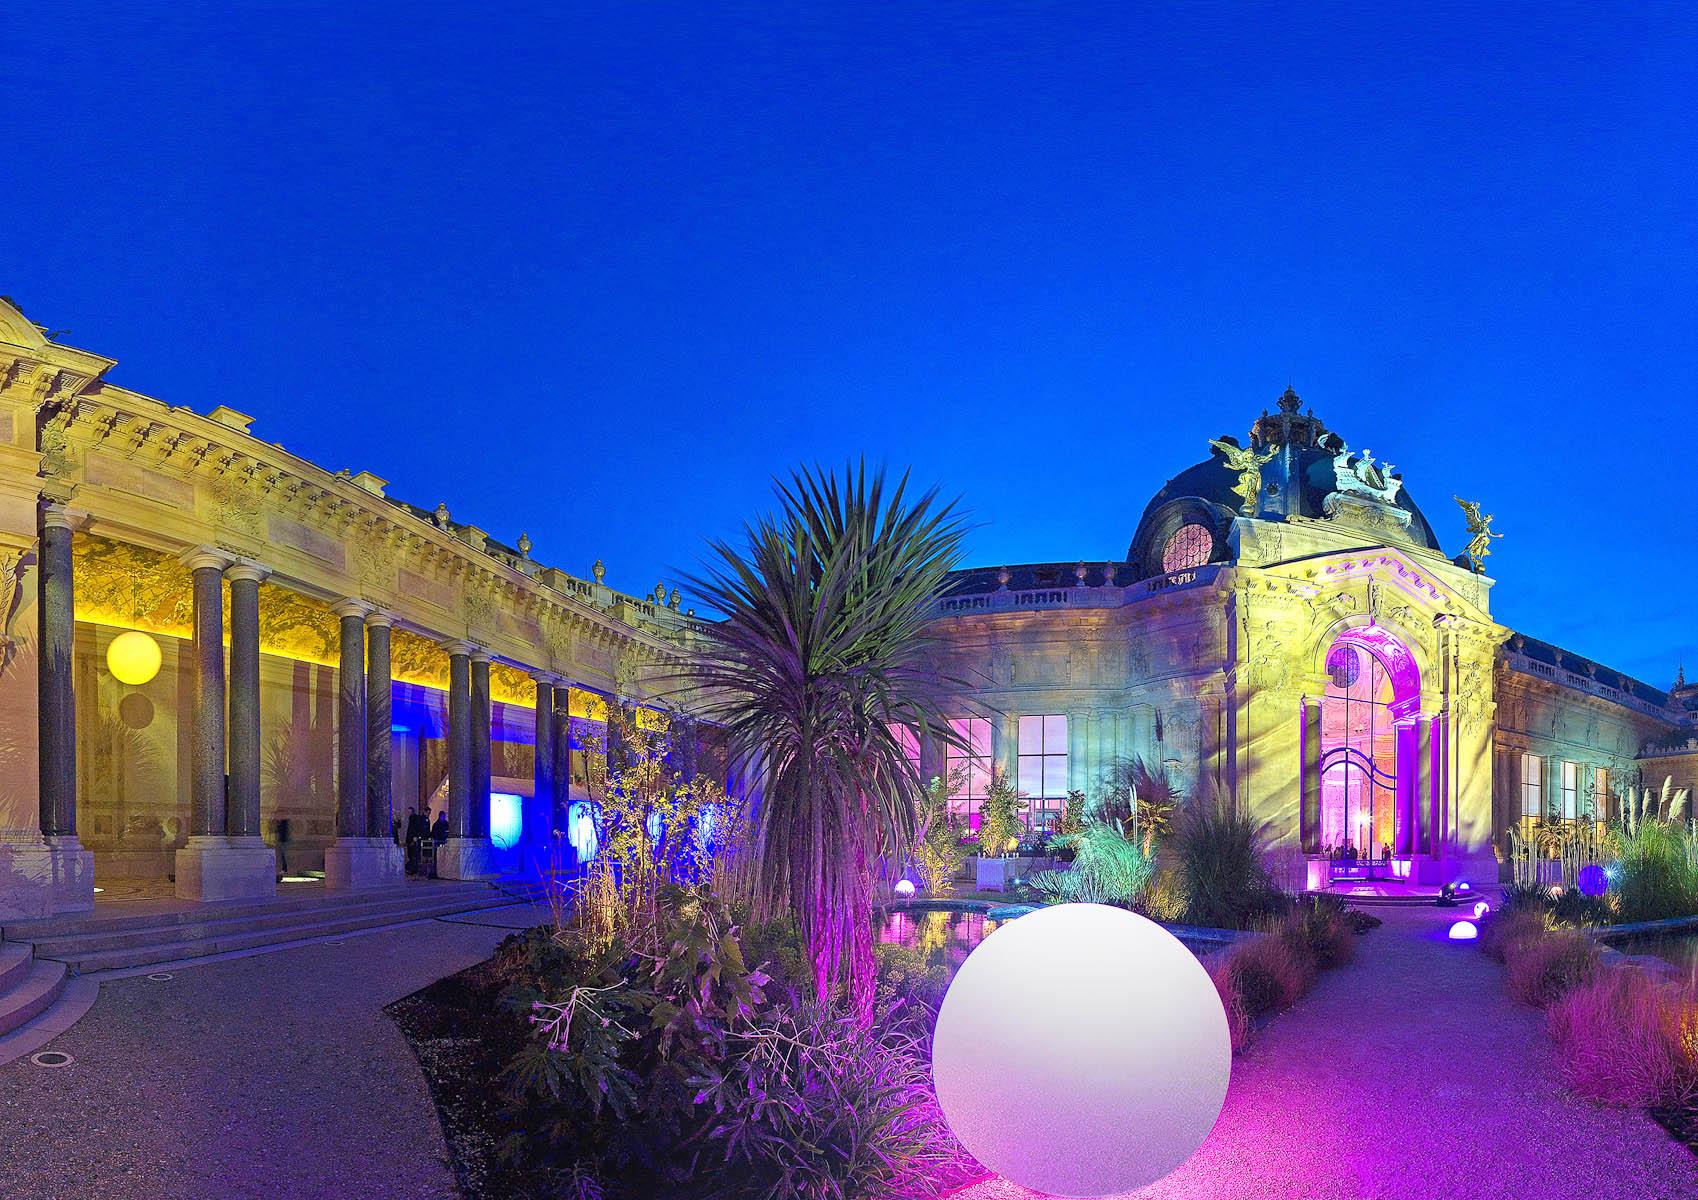 Photographe de Vue Panoramique : Le Petit Palais pour Butard Enescot